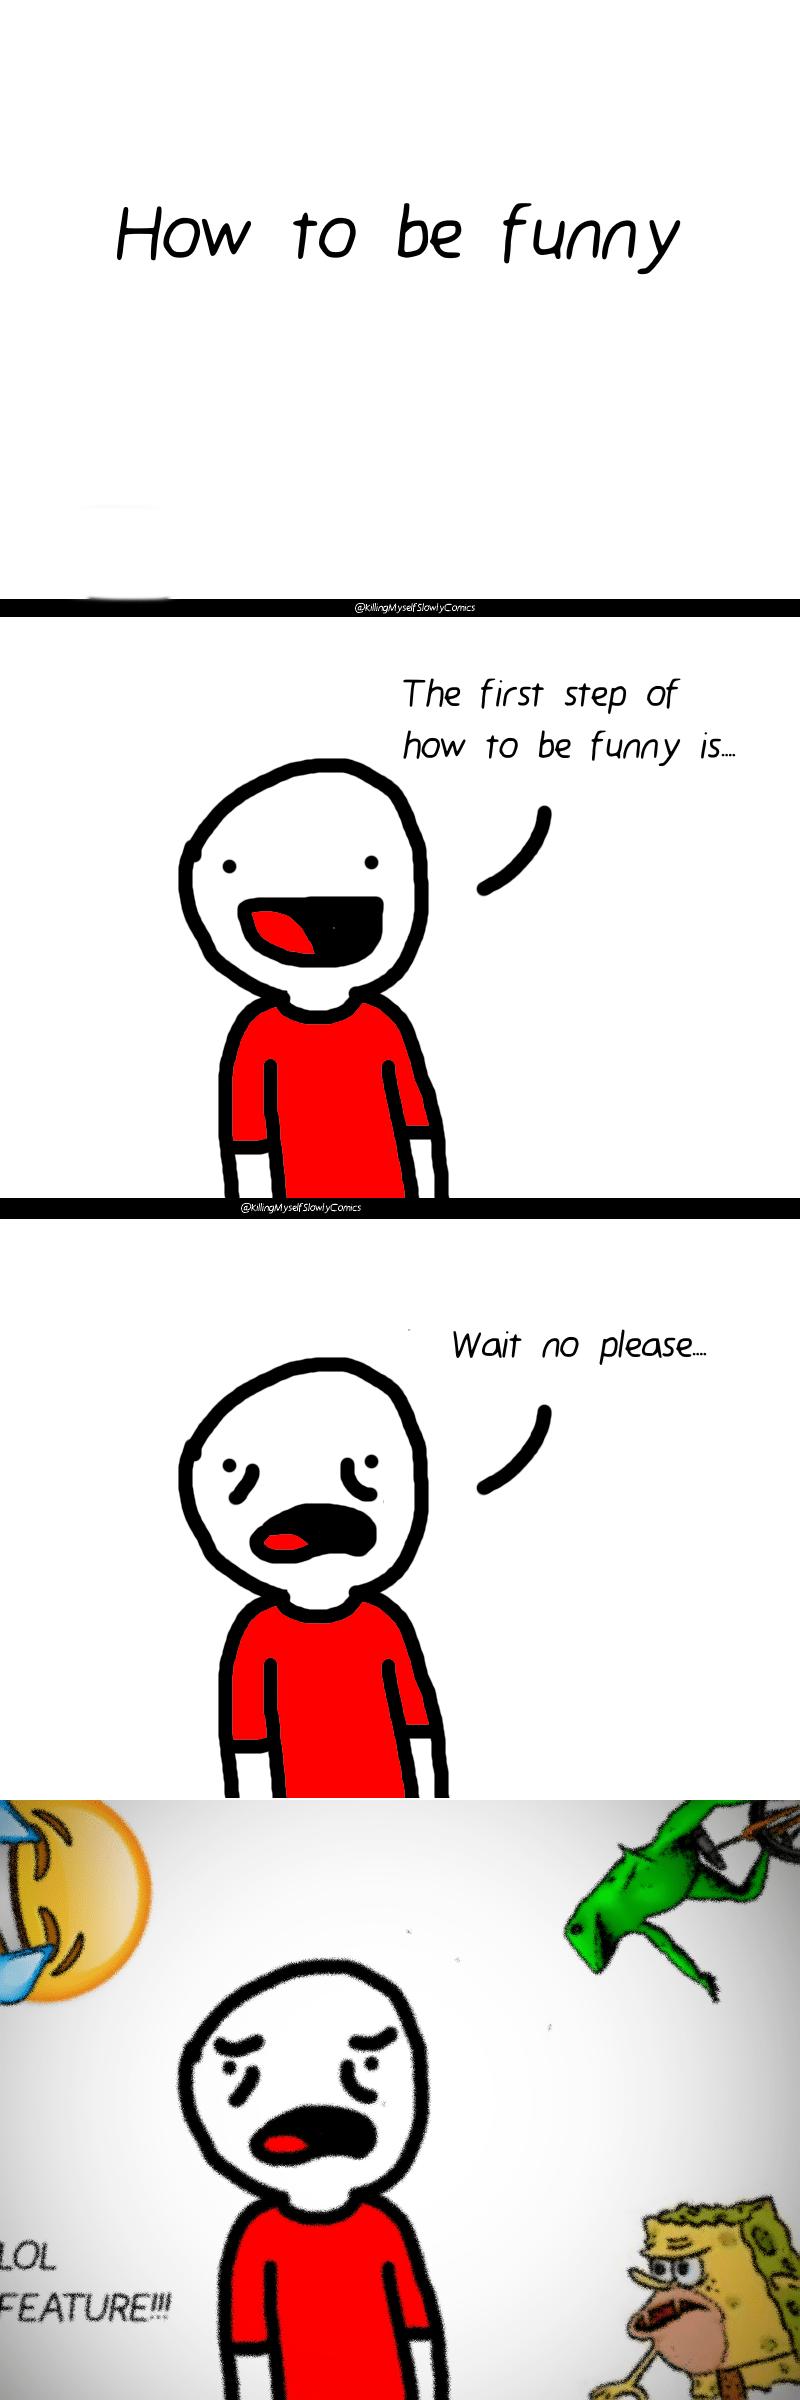 life,Memes,funny,web comics